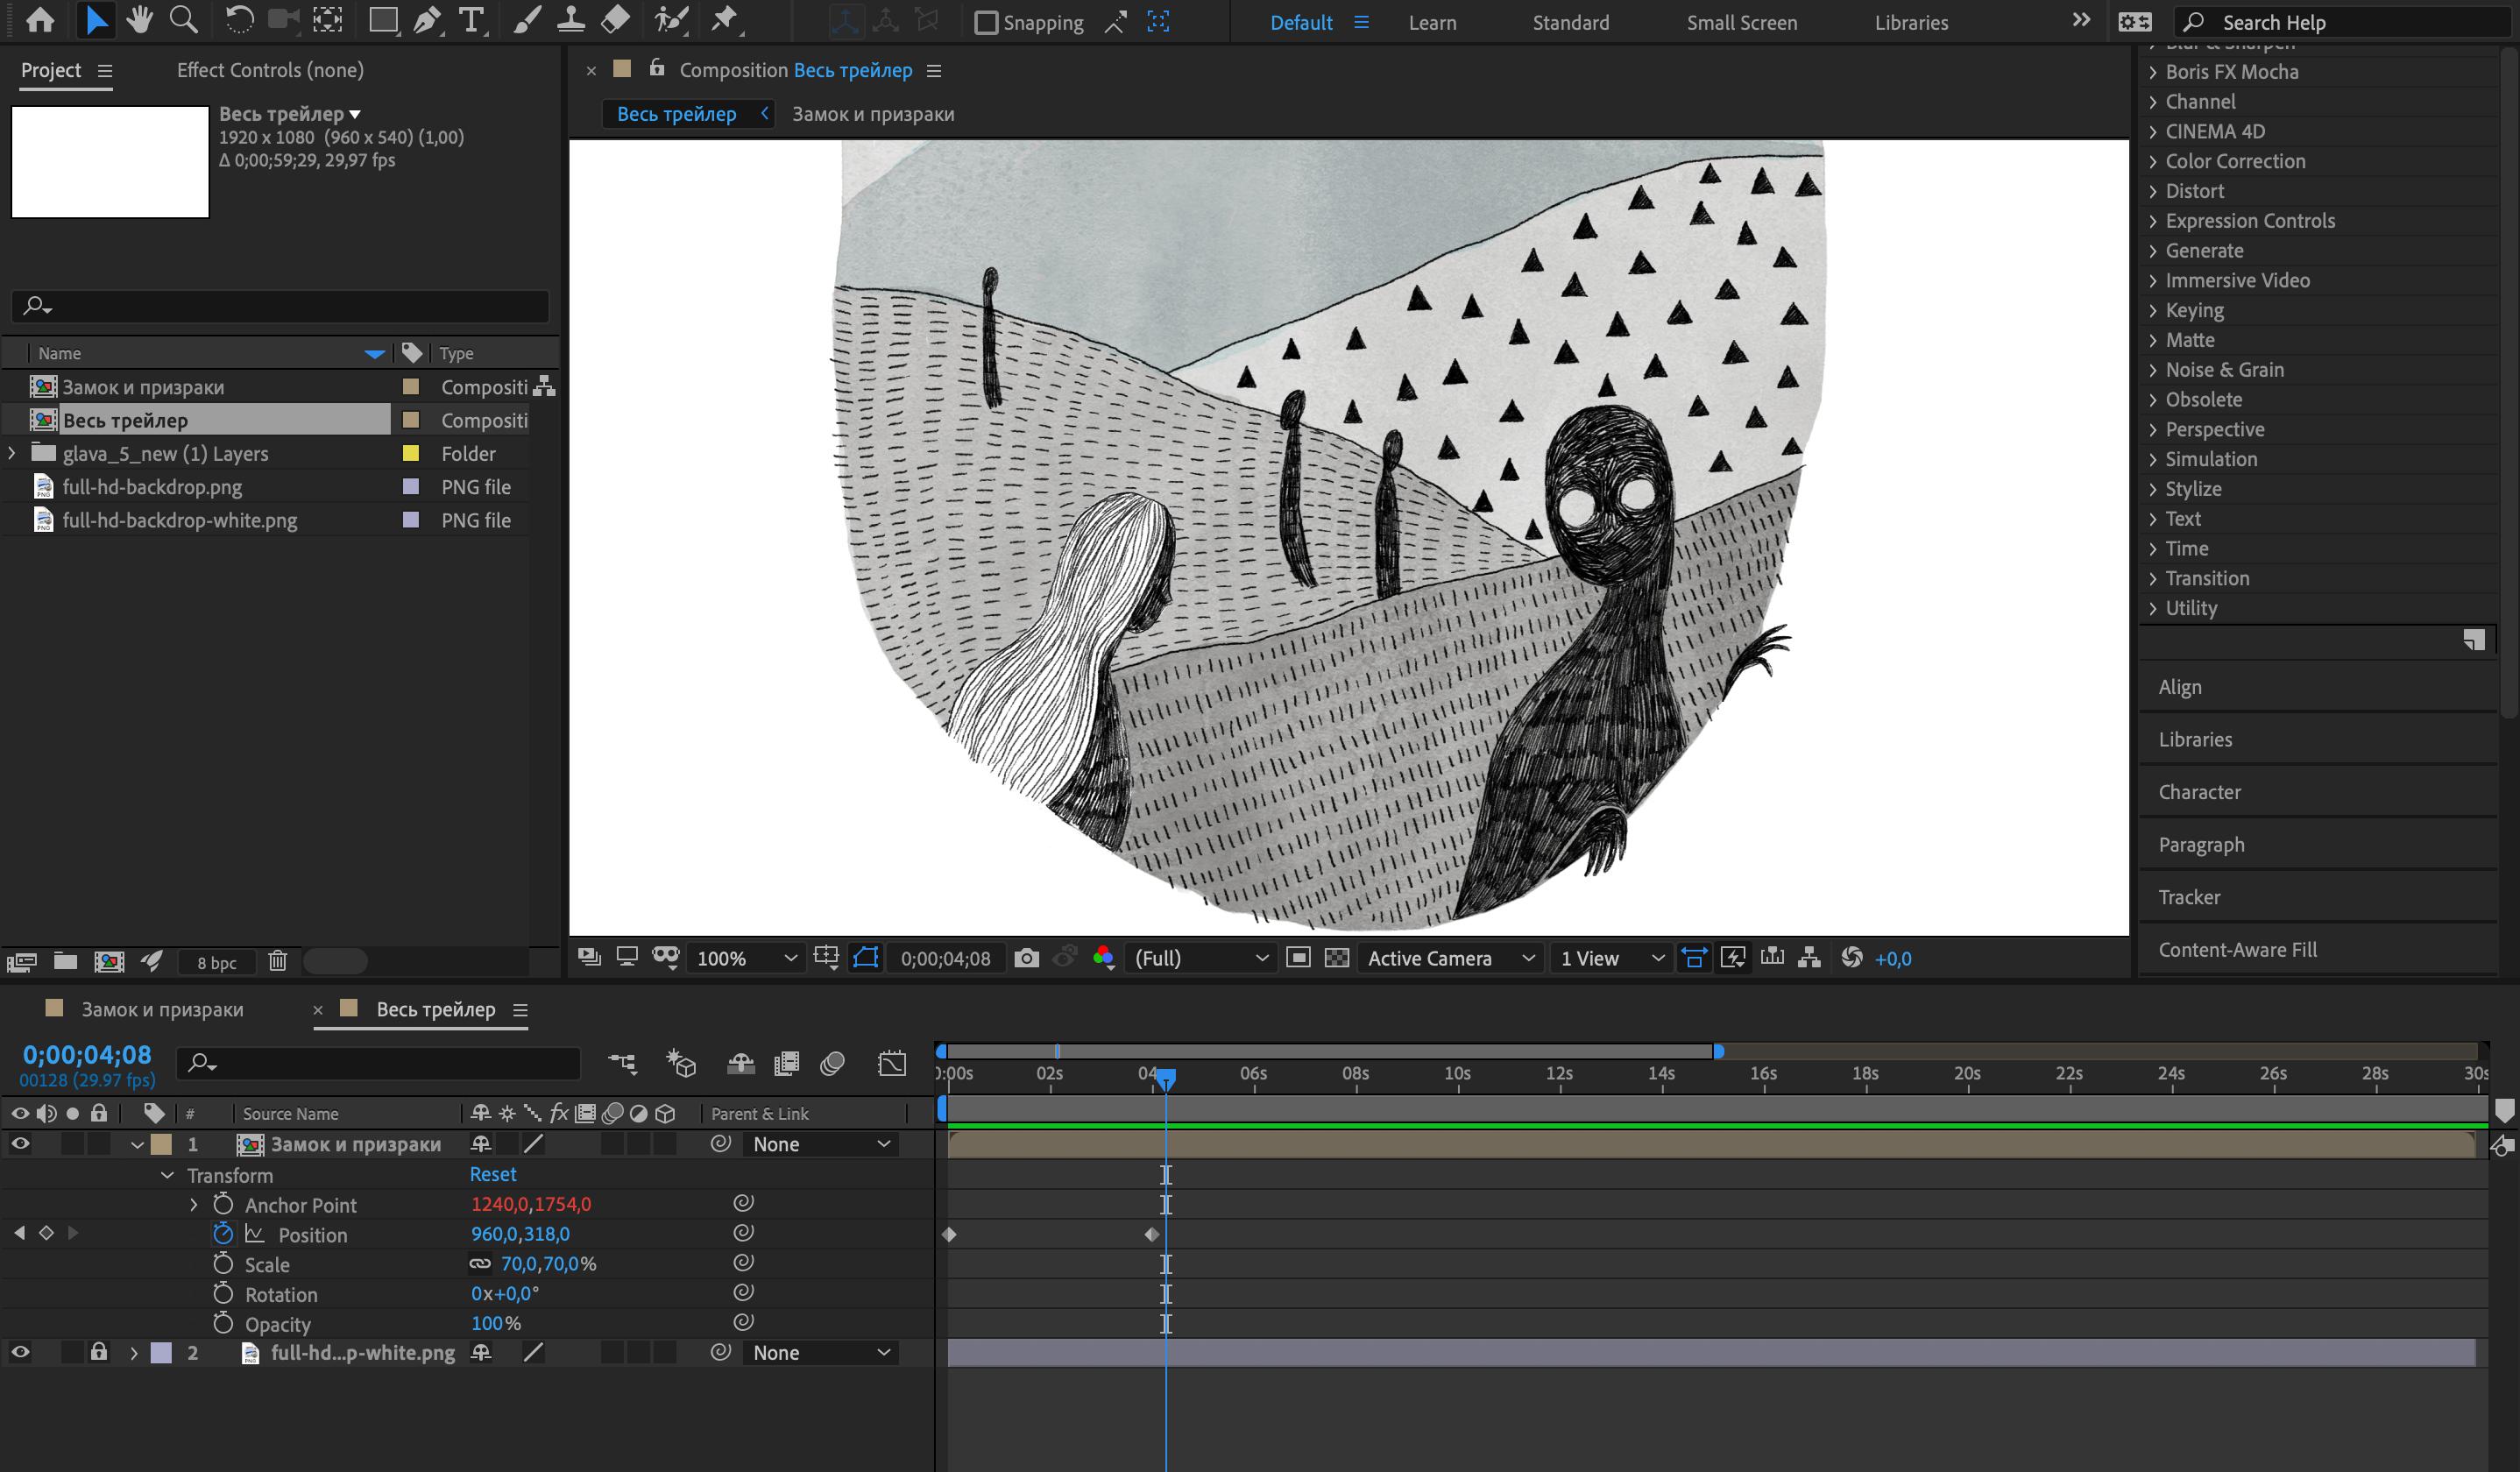 Так выглядит работа в программе After Effects. У иллюстрации есть базовая анимация появления, но этого, к сожалению, не видно на скриншоте